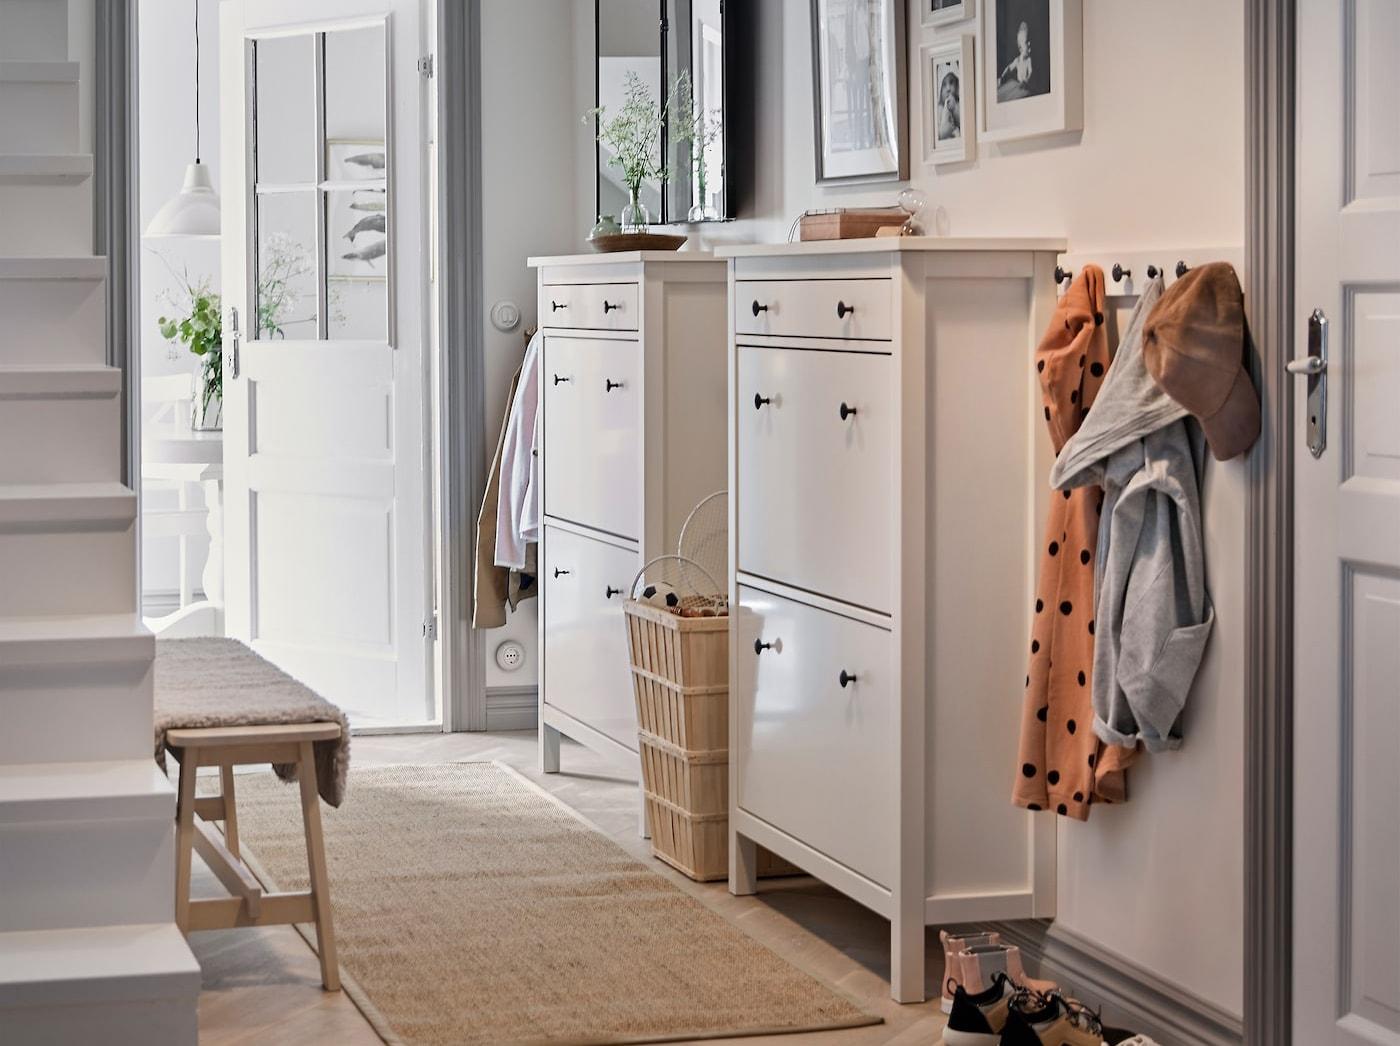 Entrée blanche meublée d'une armoire à chaussures, d'un range-chaussures et d'un portemanteau, le tout en blanc